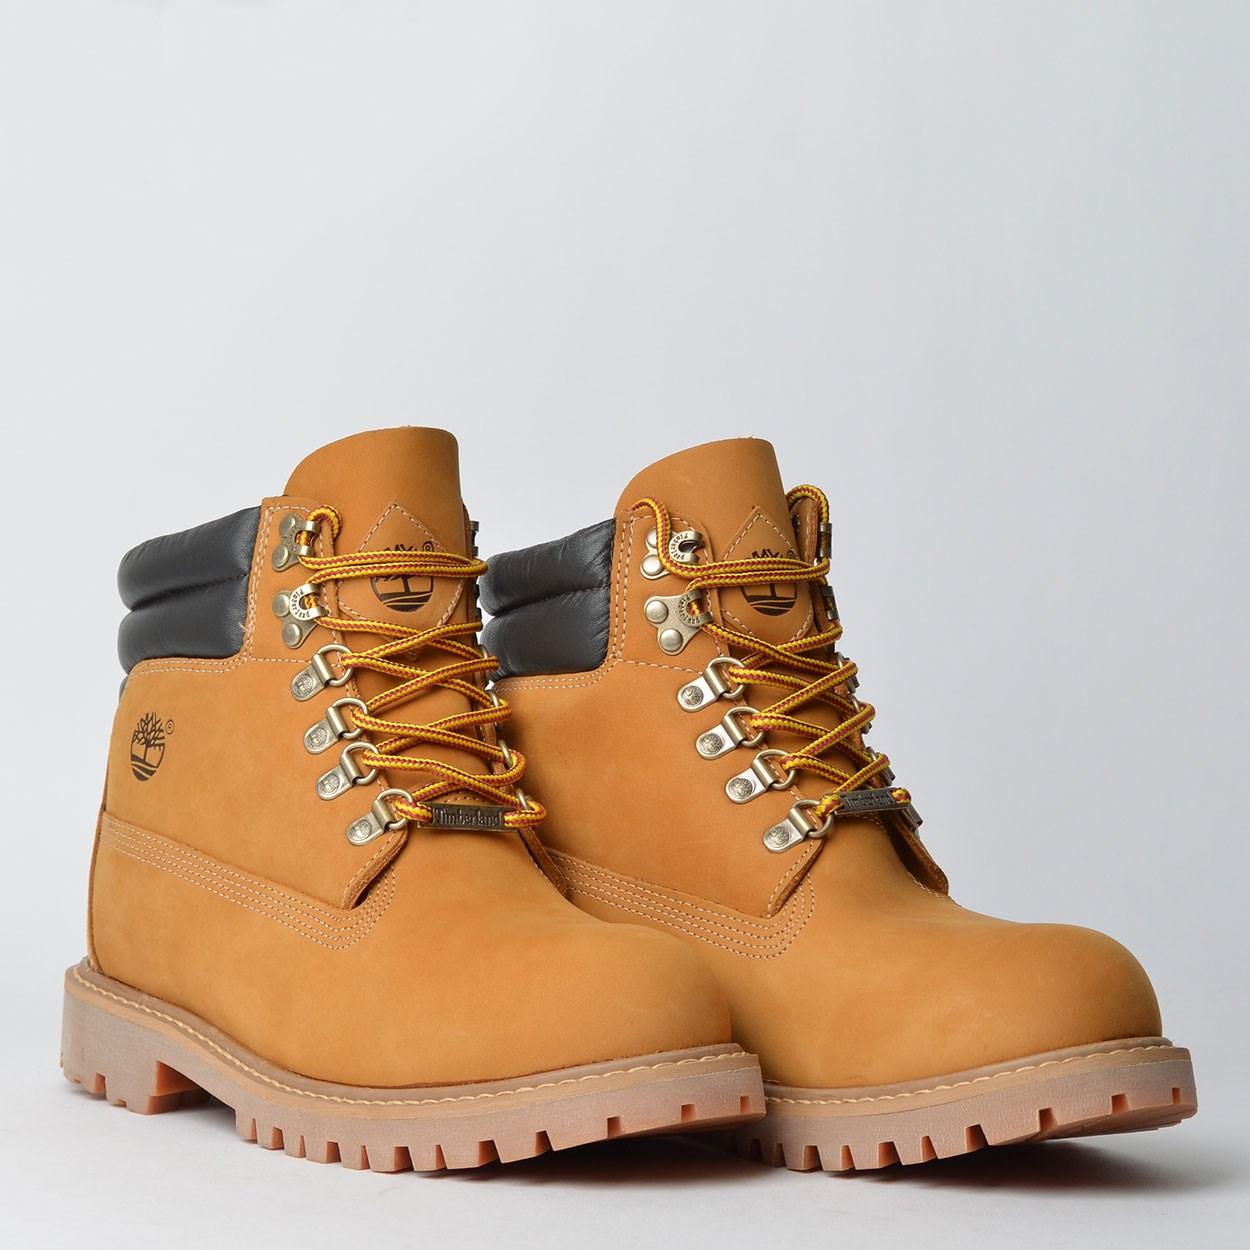 0cdcae3c6b4 Yellow Virus Timberland Boots 41 Loja E Feminina Masculina awdwUqf